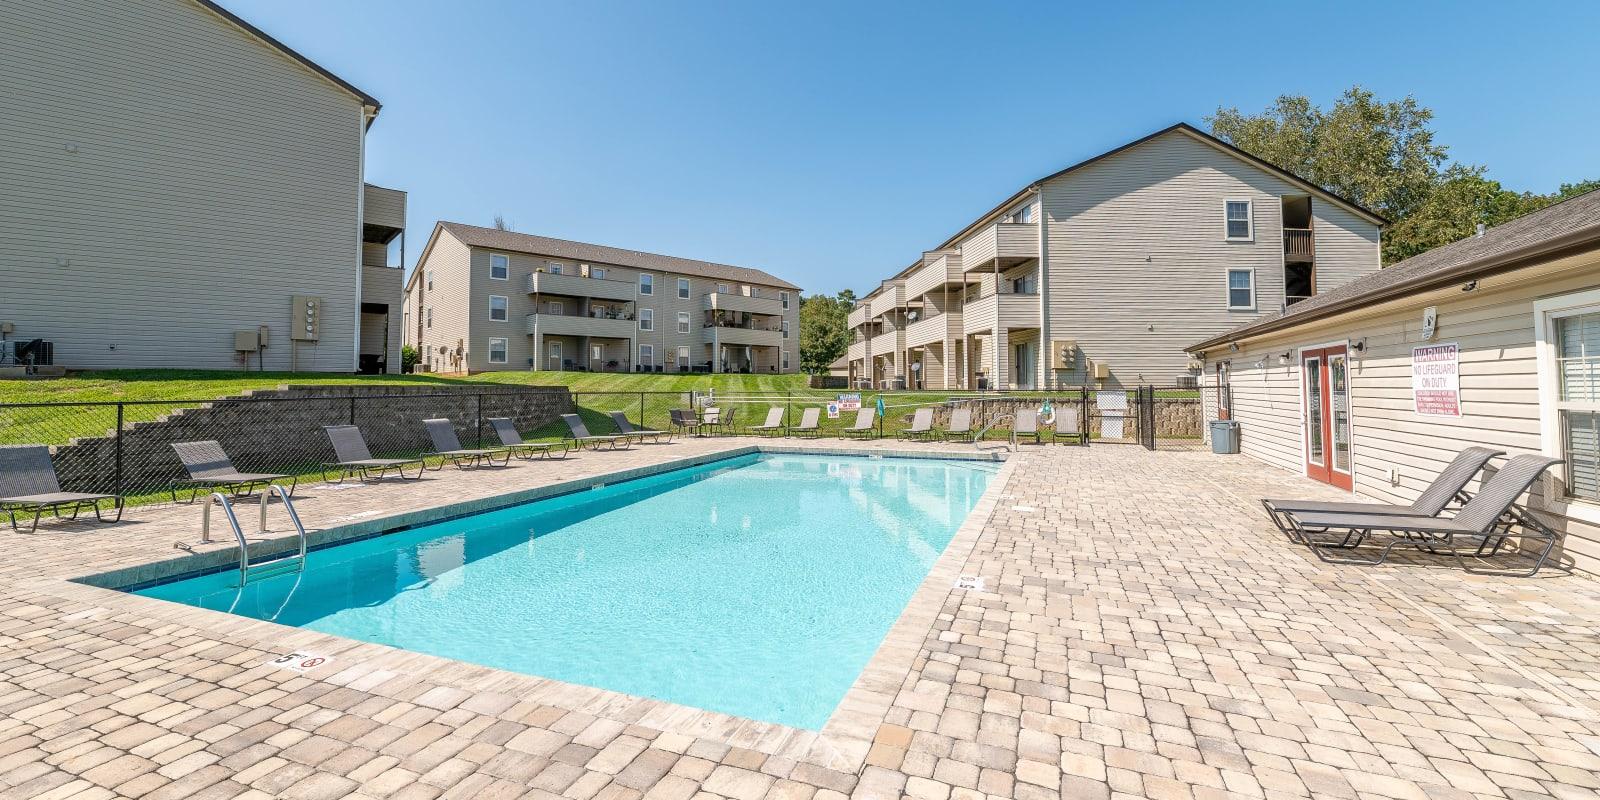 Swimming Pool at Kannan Station Apartment Homes in Kannapolis, North Carolina